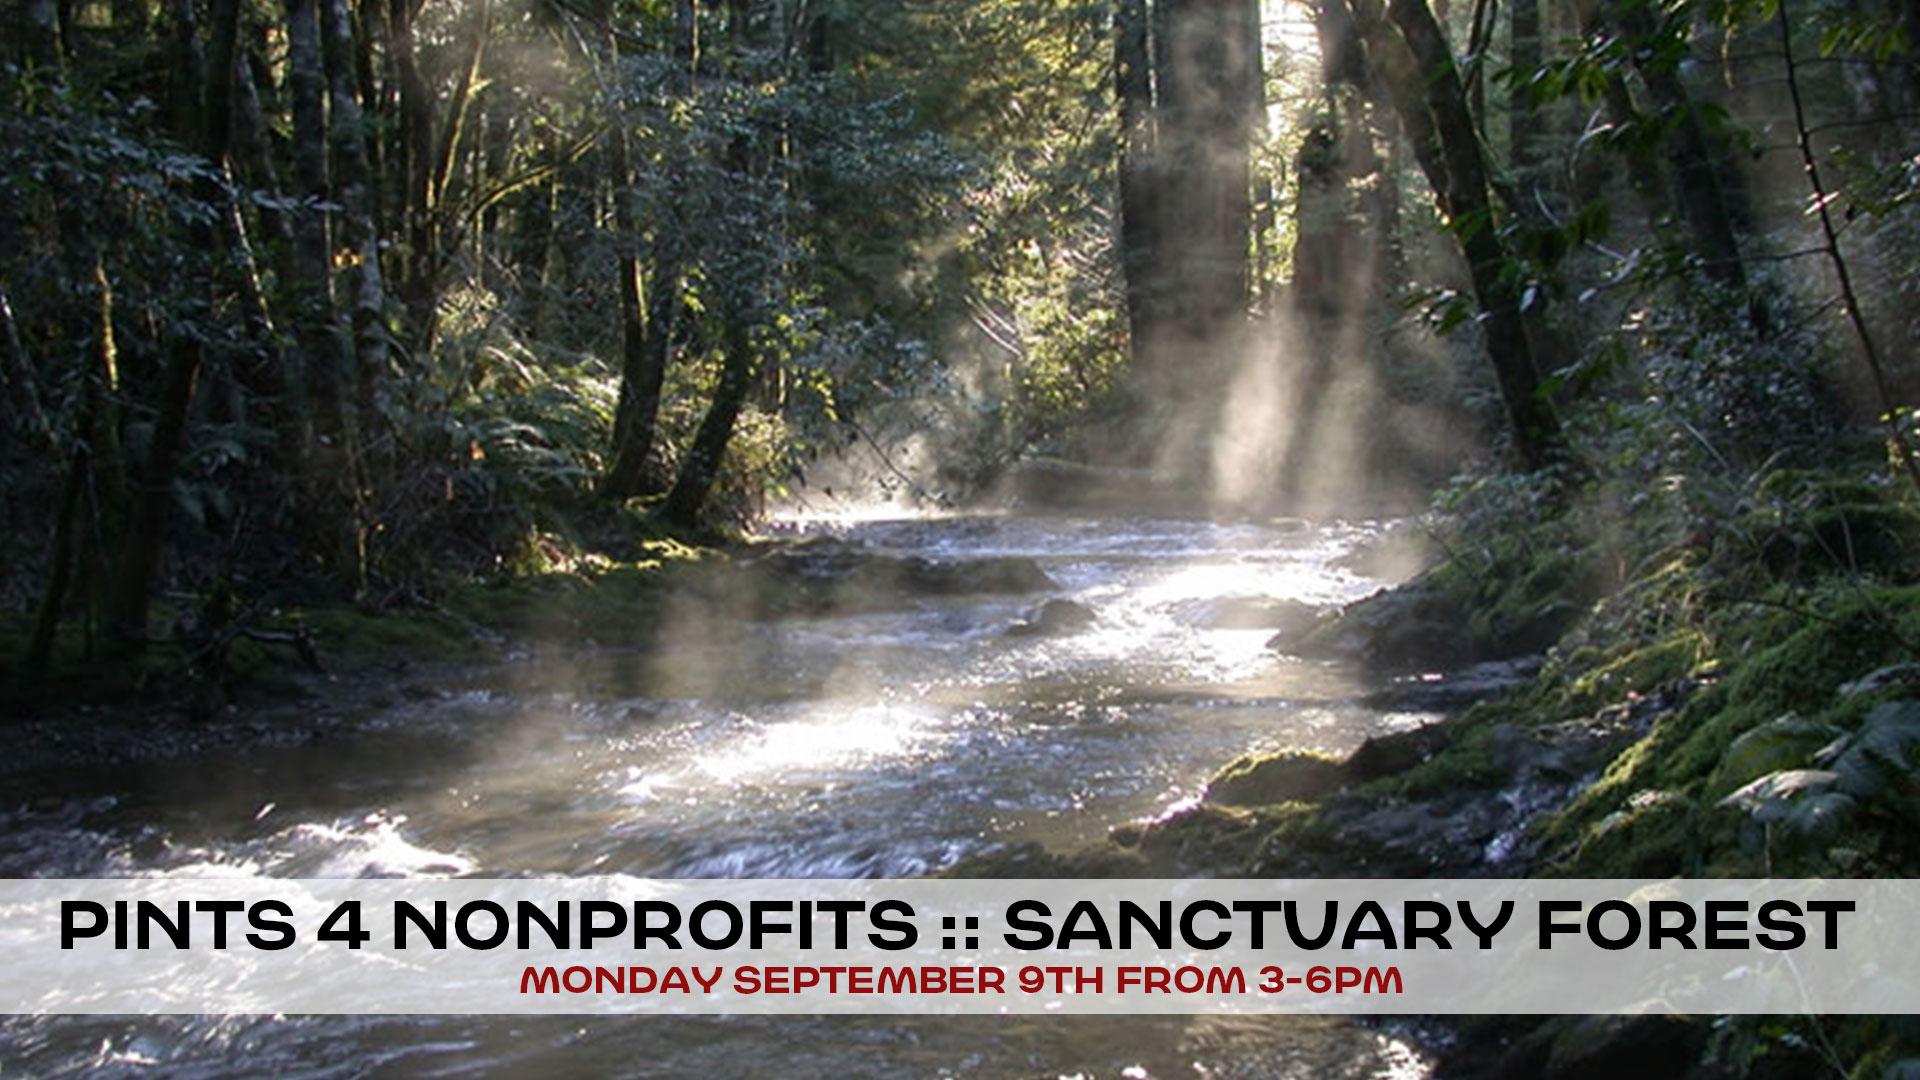 p4np-sanctuary-forest.jpg